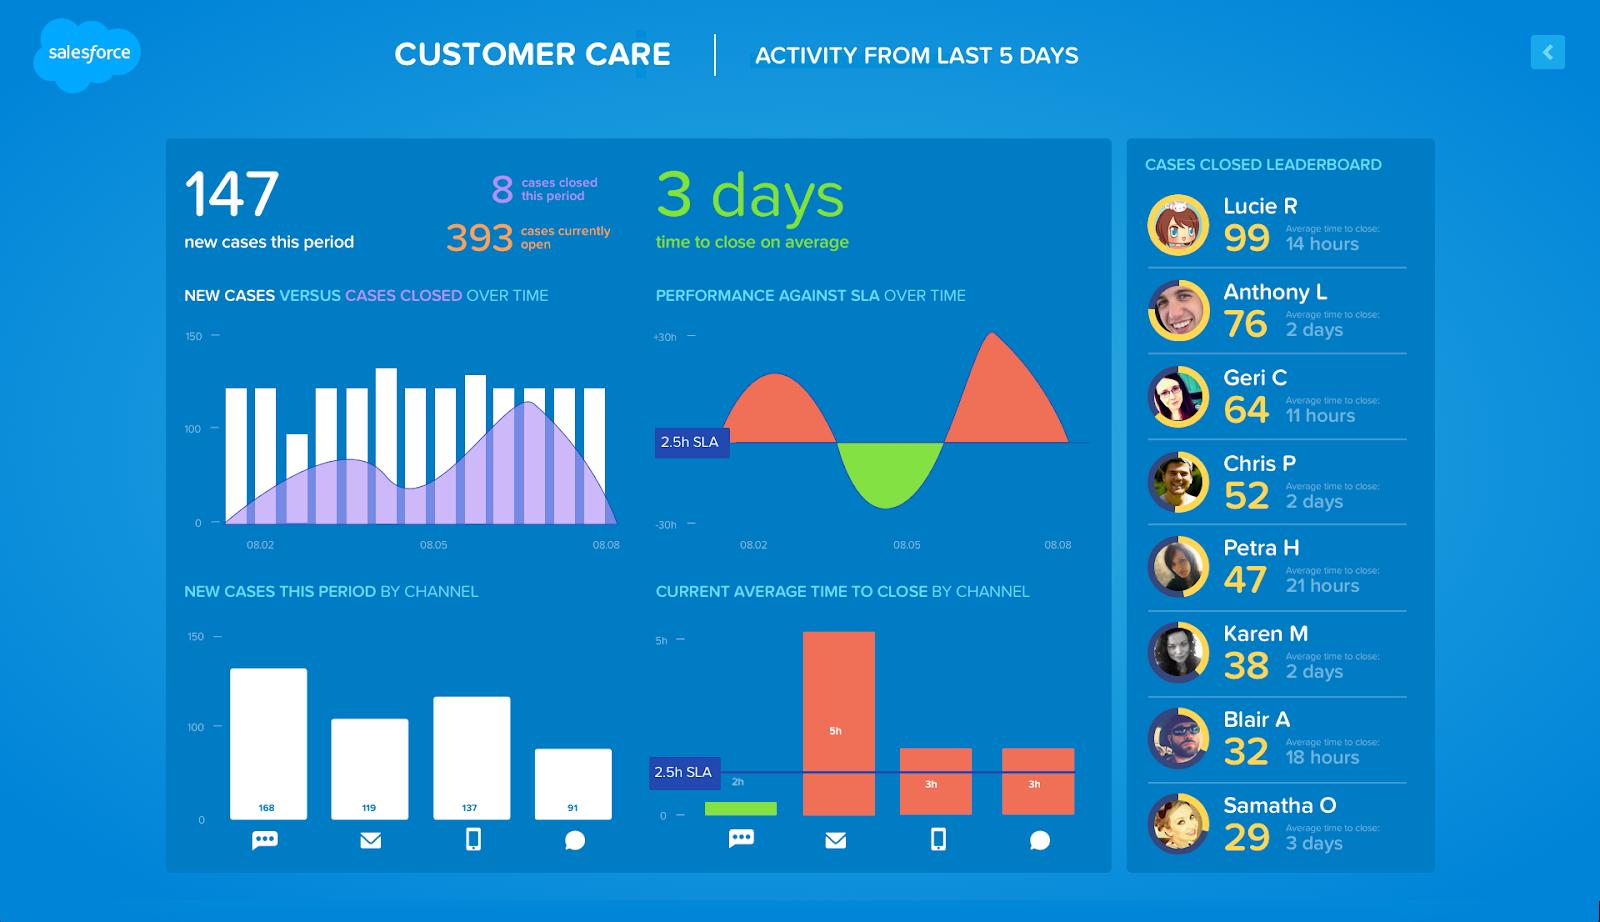 Salesforce-Kommandozentrale mit Balkendiagrammen im Zusammenhang mit der Kundenbetreuung und einer Bestenliste der Serviceagenten